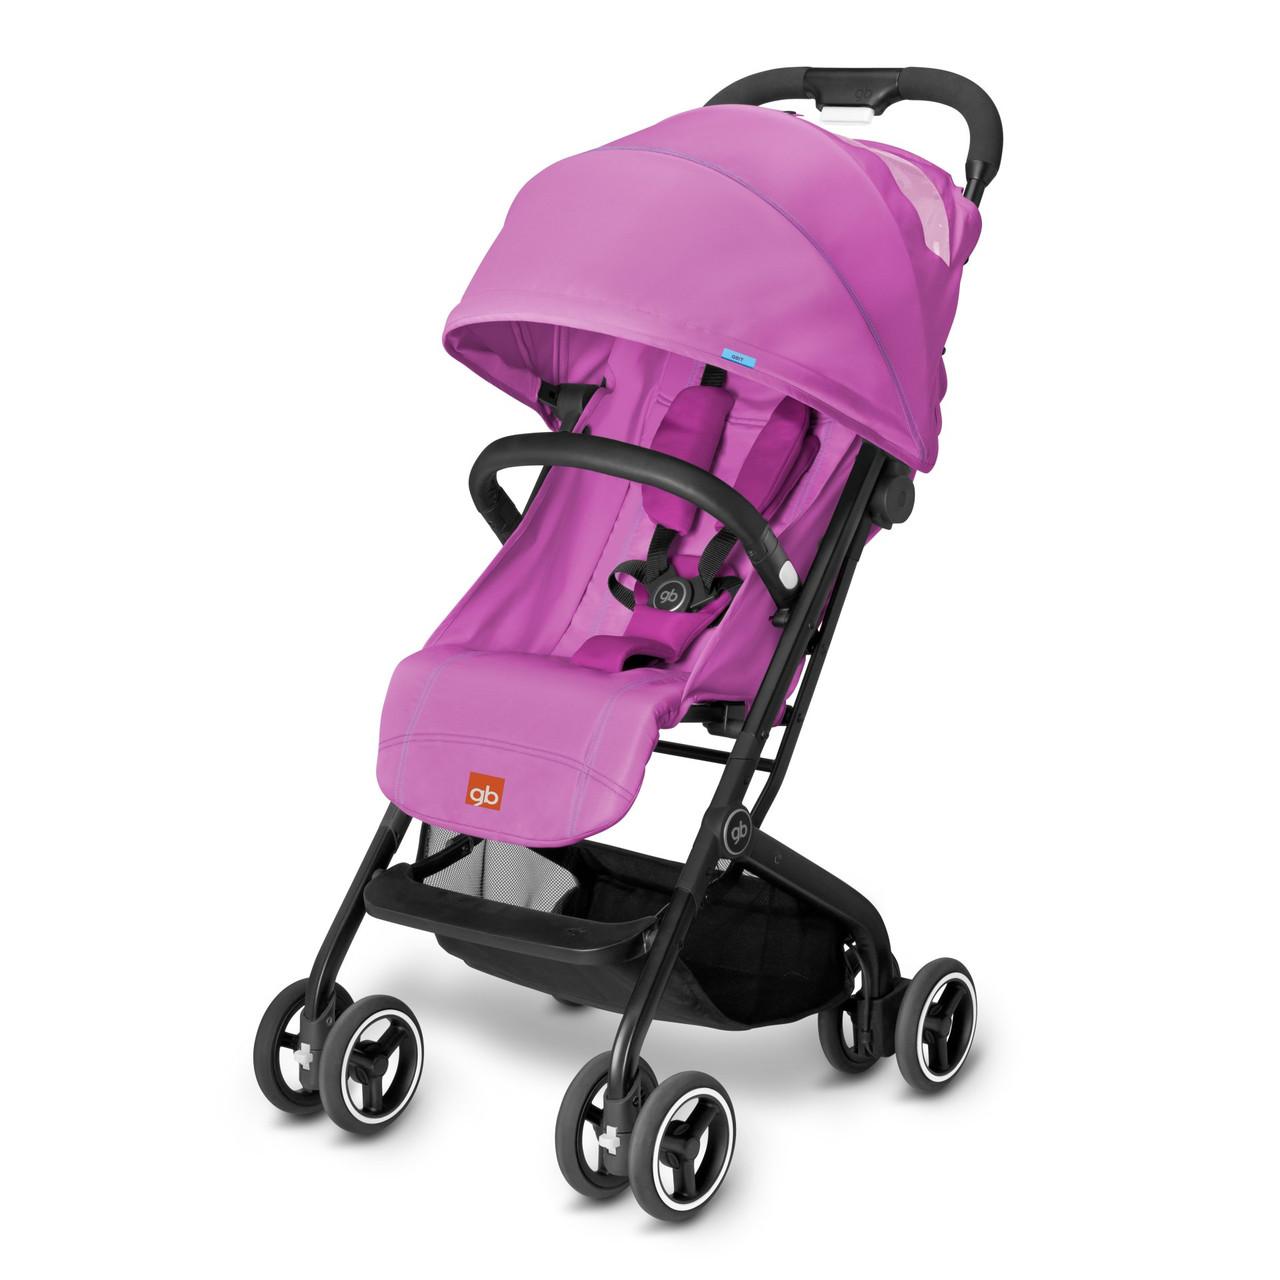 Прогулянкова коляска «gb» Qbit (616240006), колір Posh Pink (рожевий) «gb» (616240006)